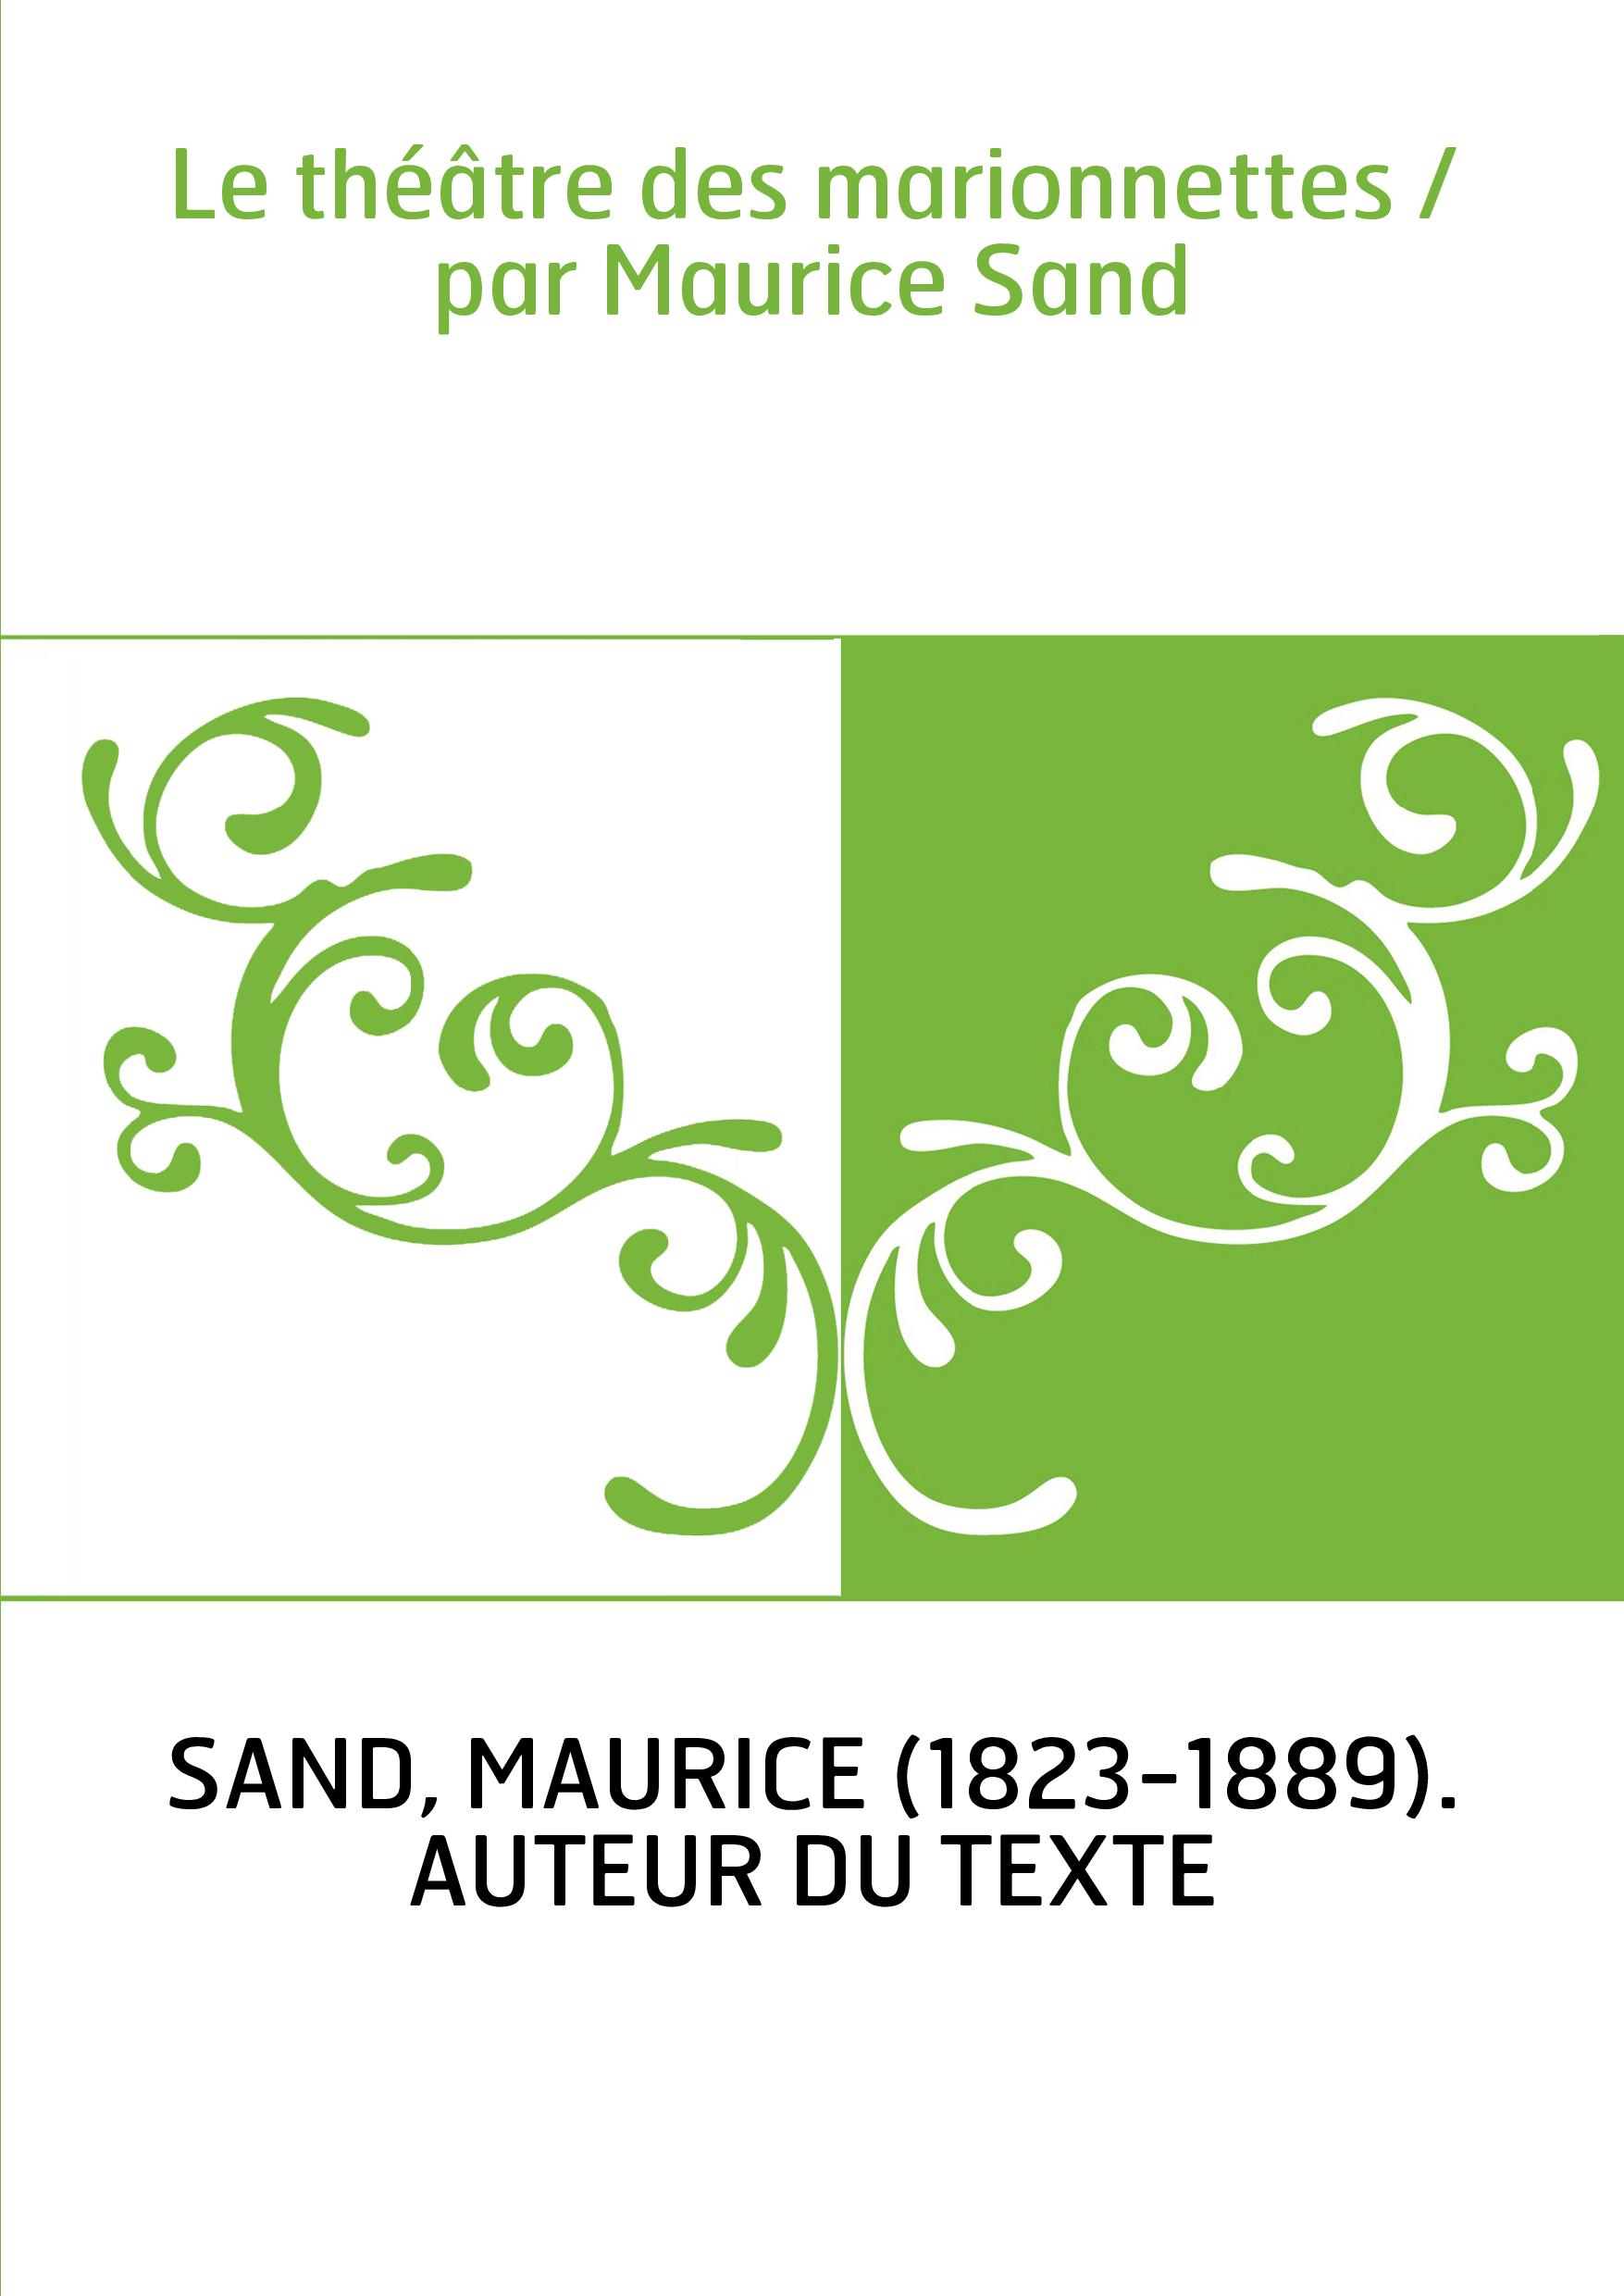 Le théâtre des marionnettes / par Maurice Sand